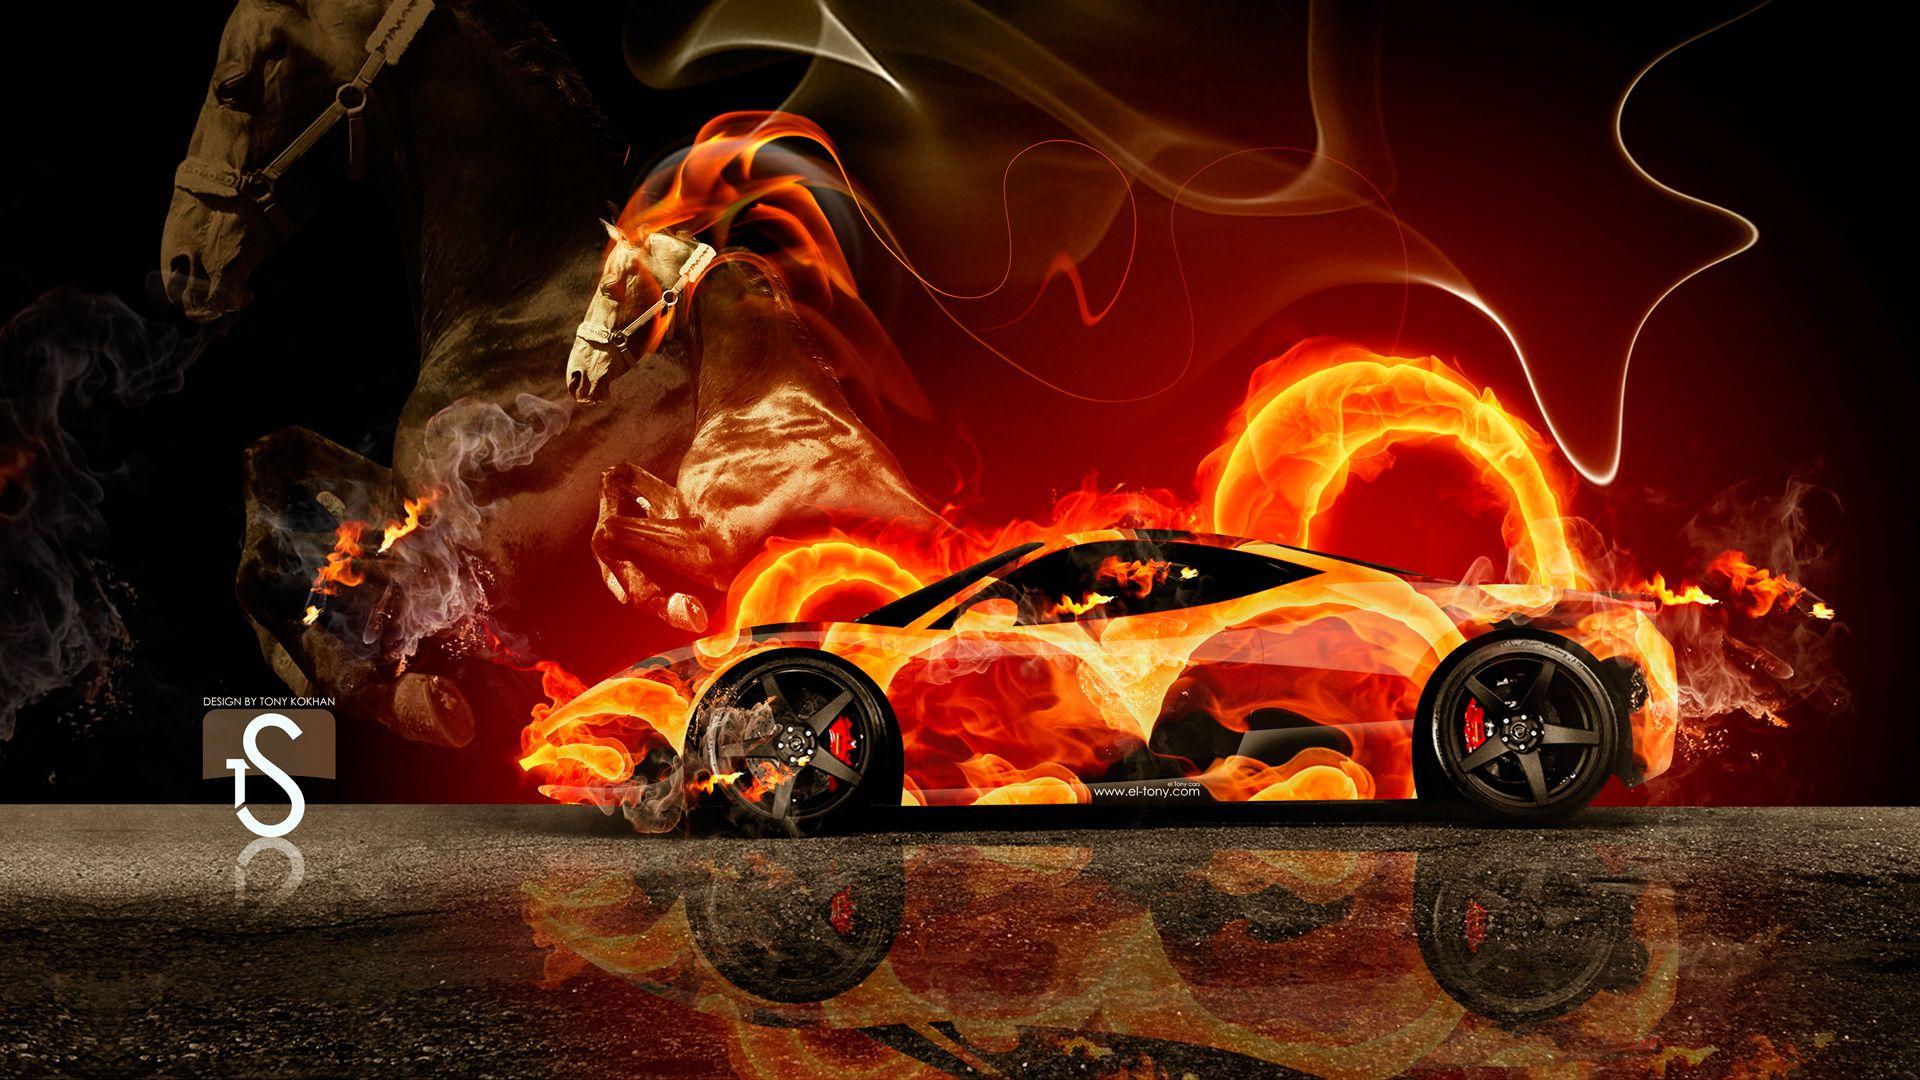 Ferrari Fire Horse Car 2014 el Tony djstickman